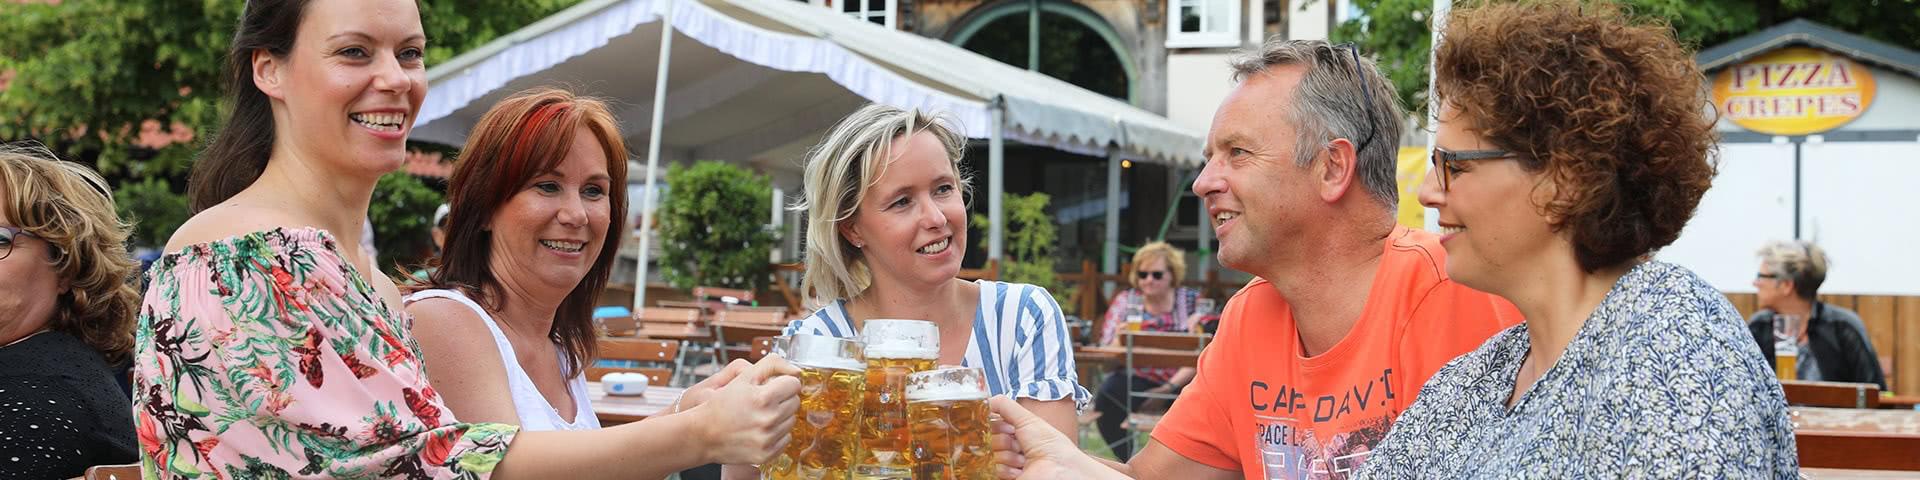 Gruuupe stößt mit einem Glas Bier im Biergarten in Bielefeld an